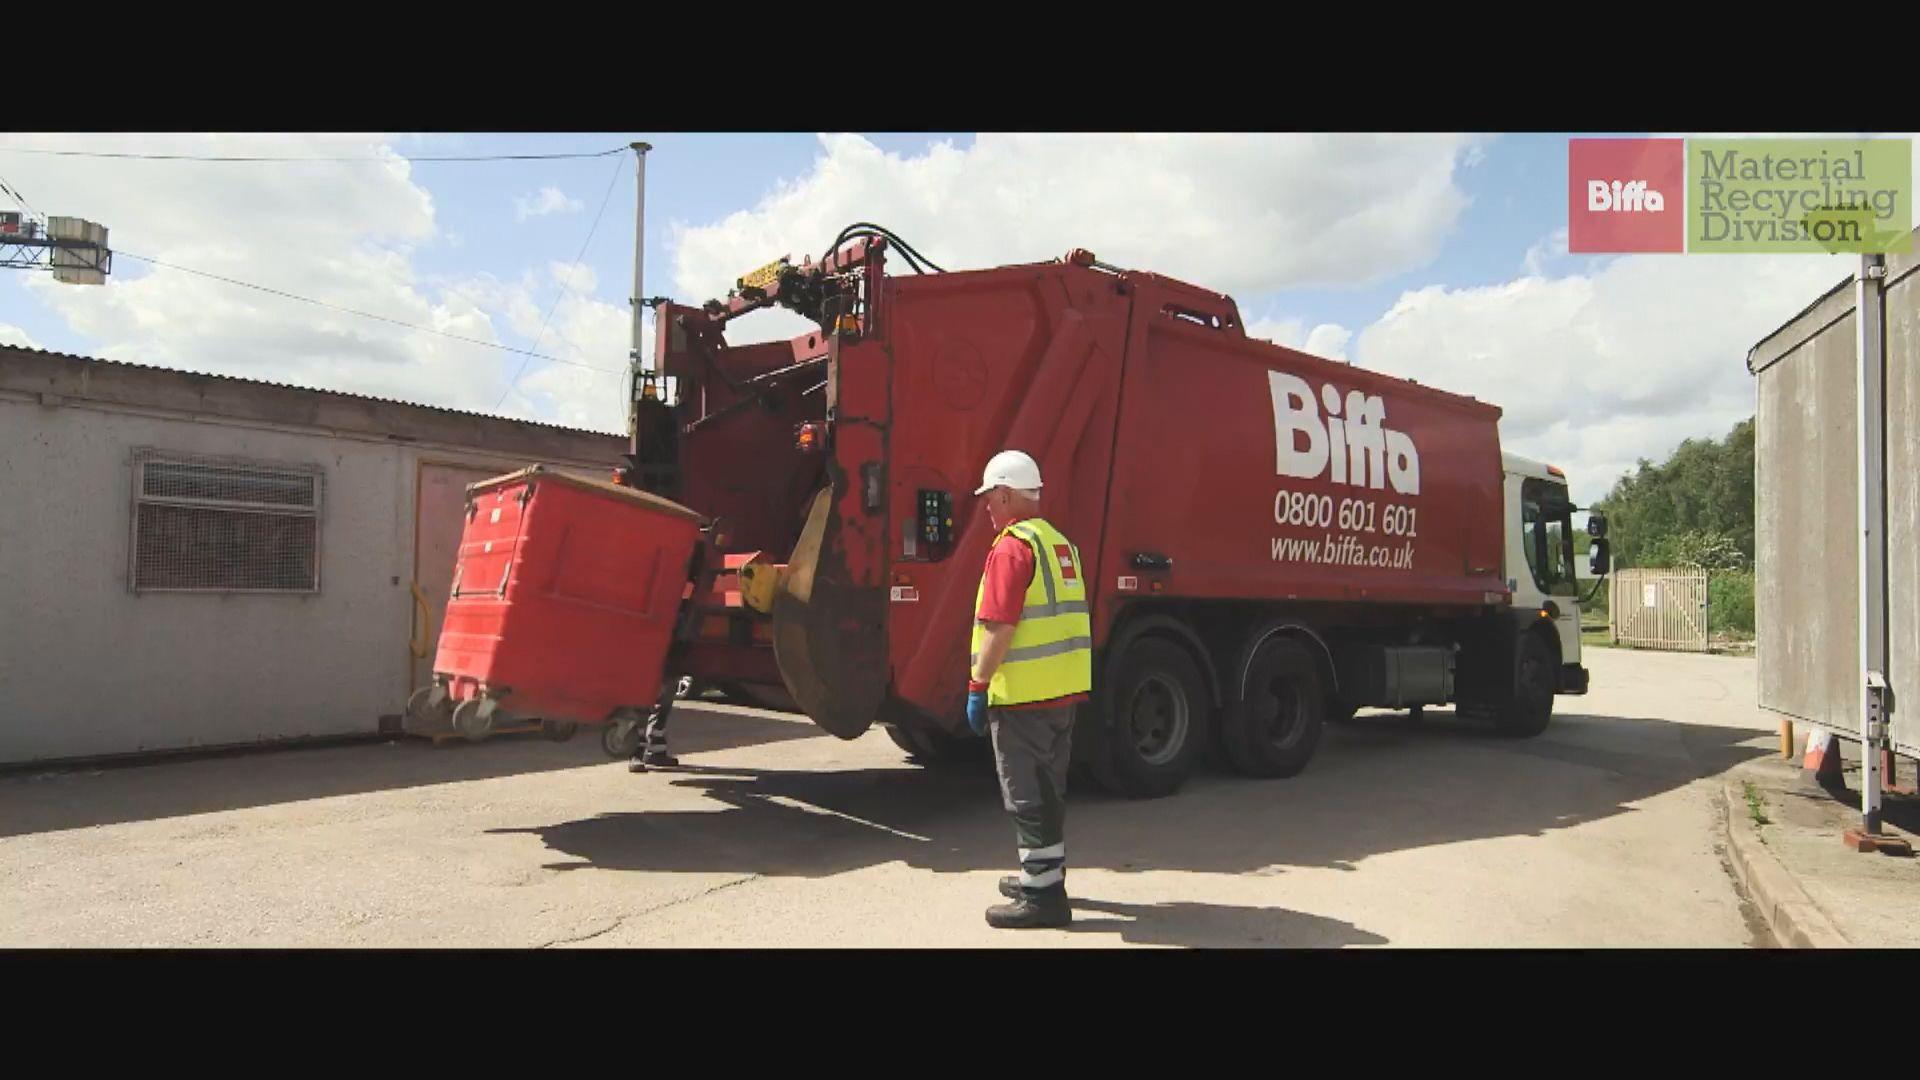 英國垃圾處理公司出口逾千噸垃圾到印尼印度 被罰150萬英鎊